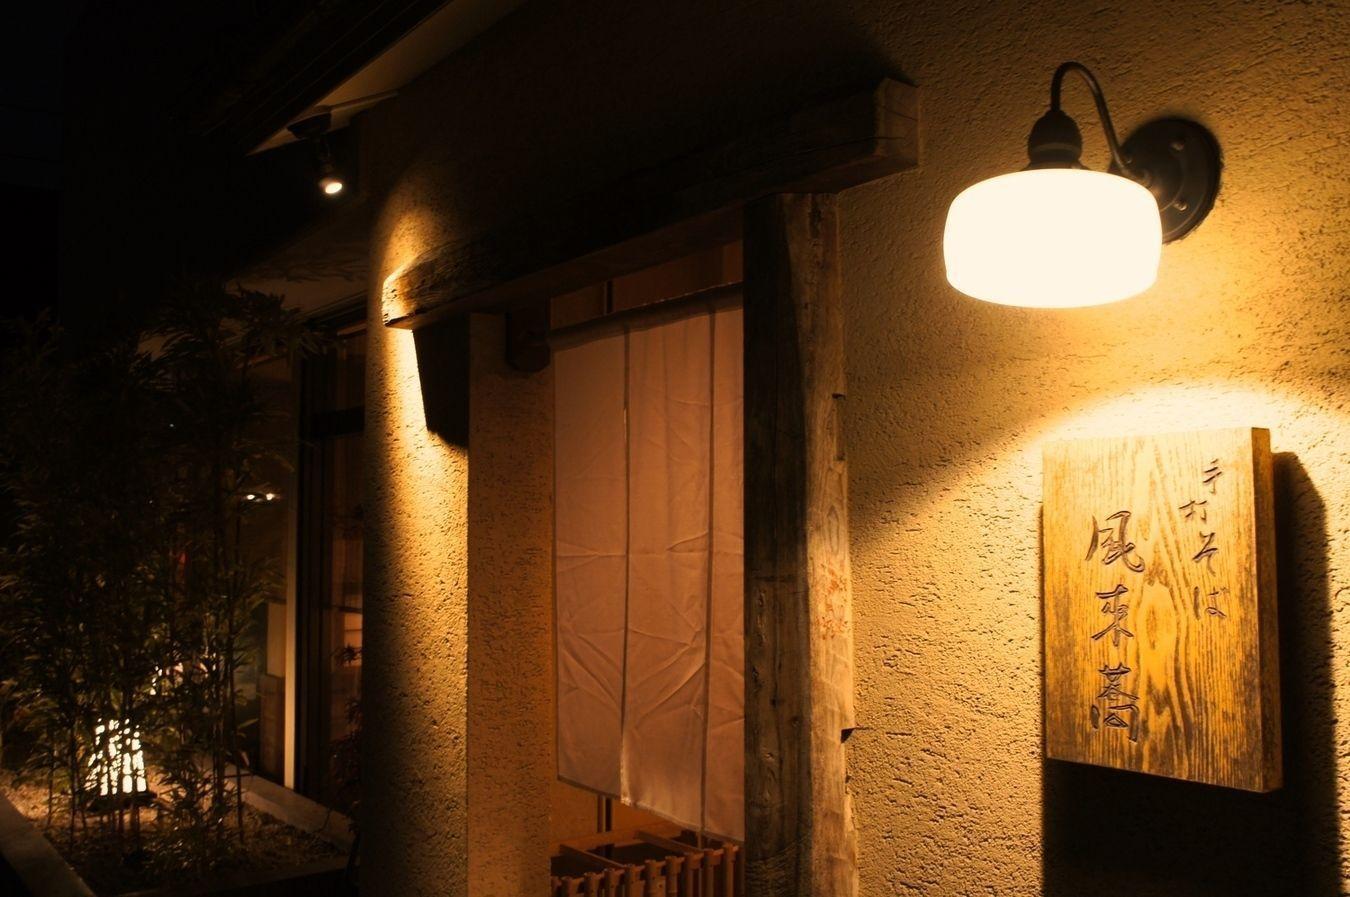 【横浜】老舗・名店からお得なお店まで!おすすめそば7選の画像